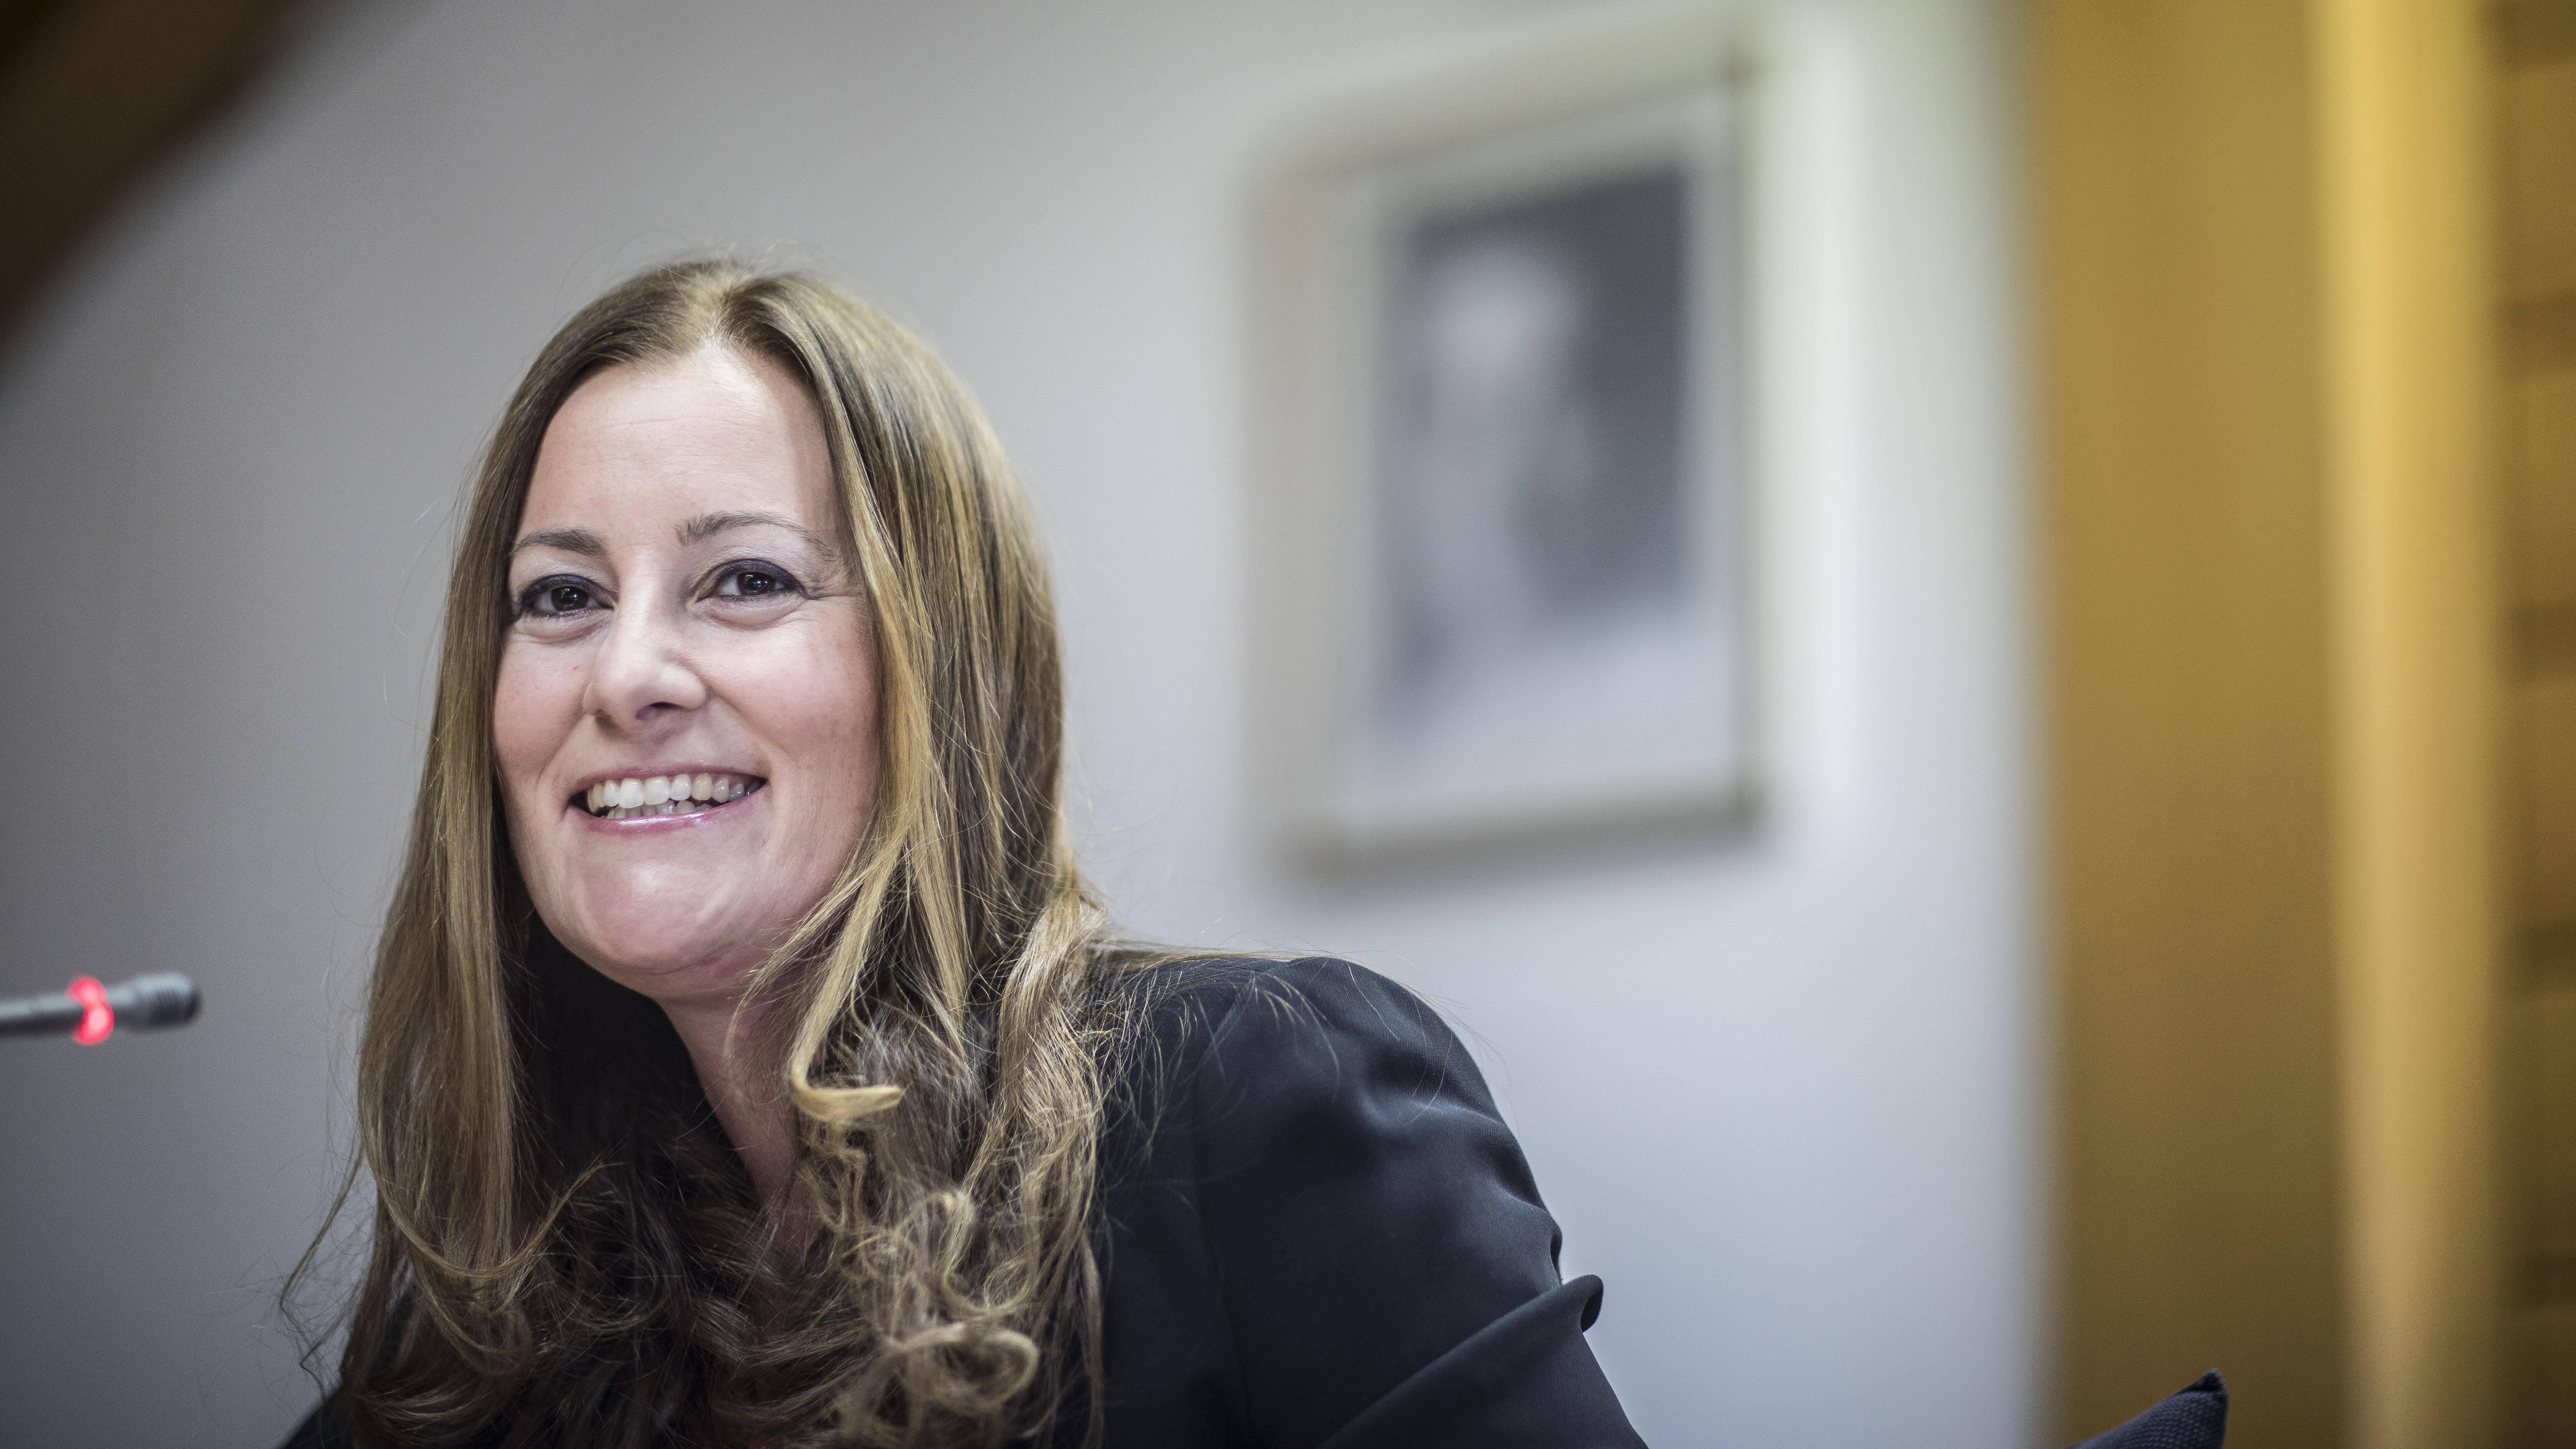 Janine Wissler, Die Linke: Das Parteiprogramm ist online auch auf Spotify